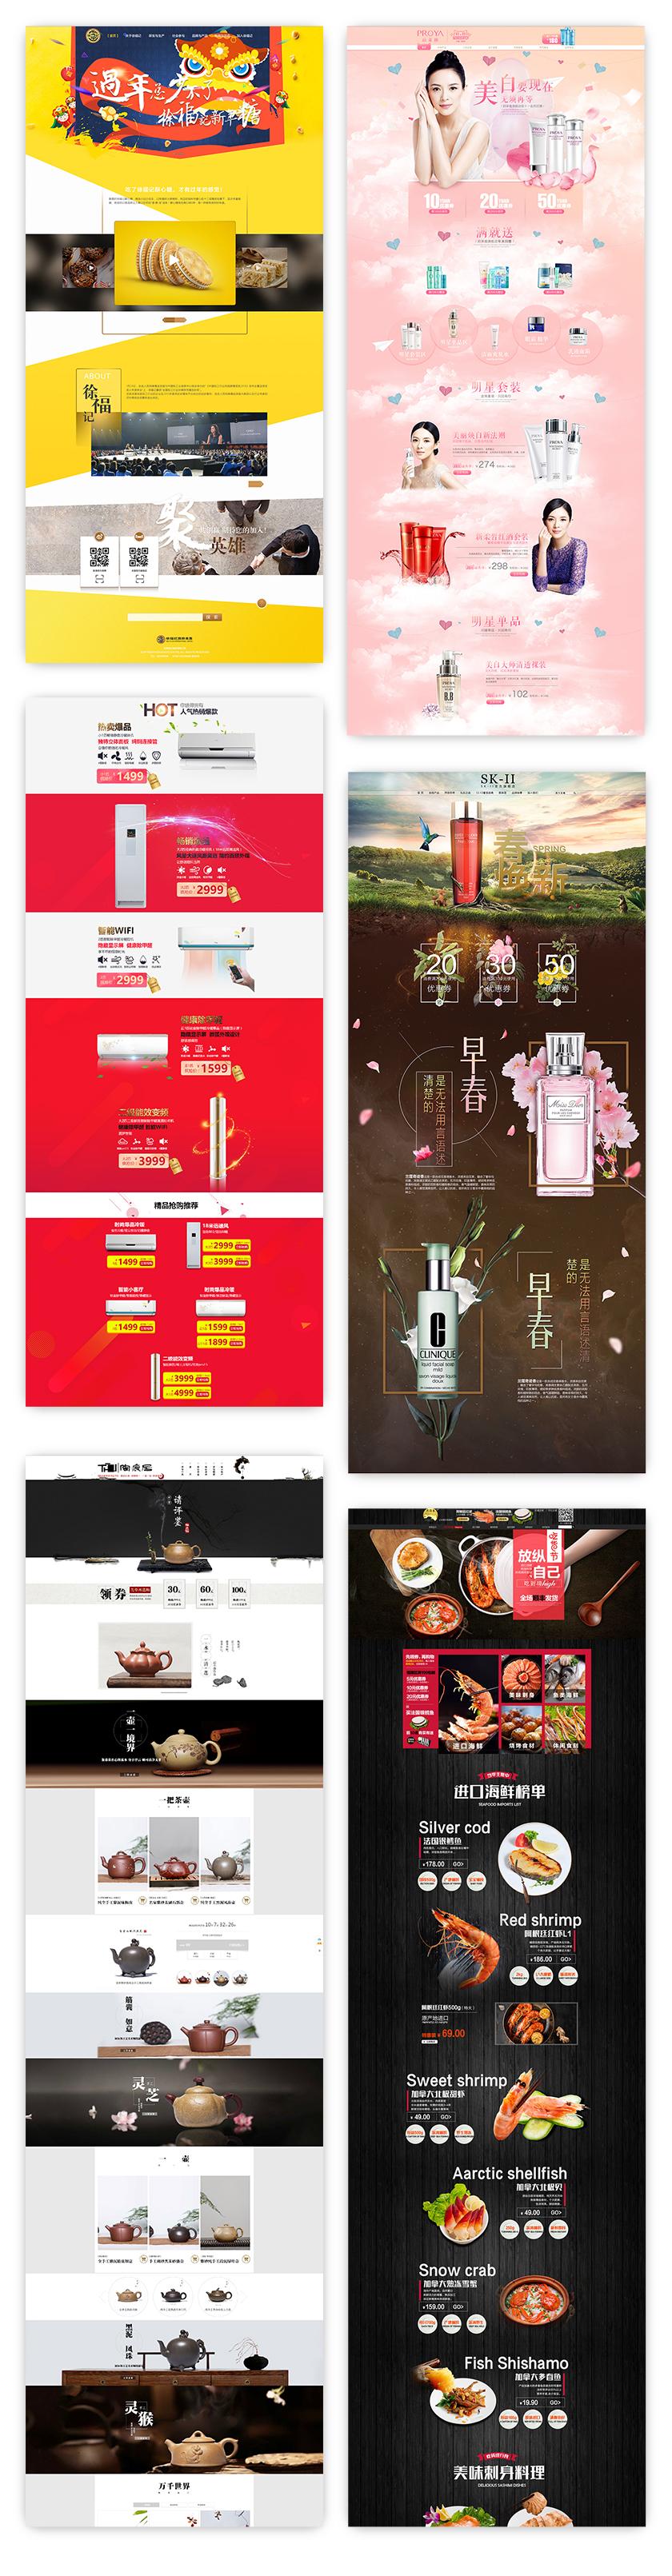 活动页设计_【重庆嘉文网络设计】电商网店首页设计天猫淘宝活动专题页设计7